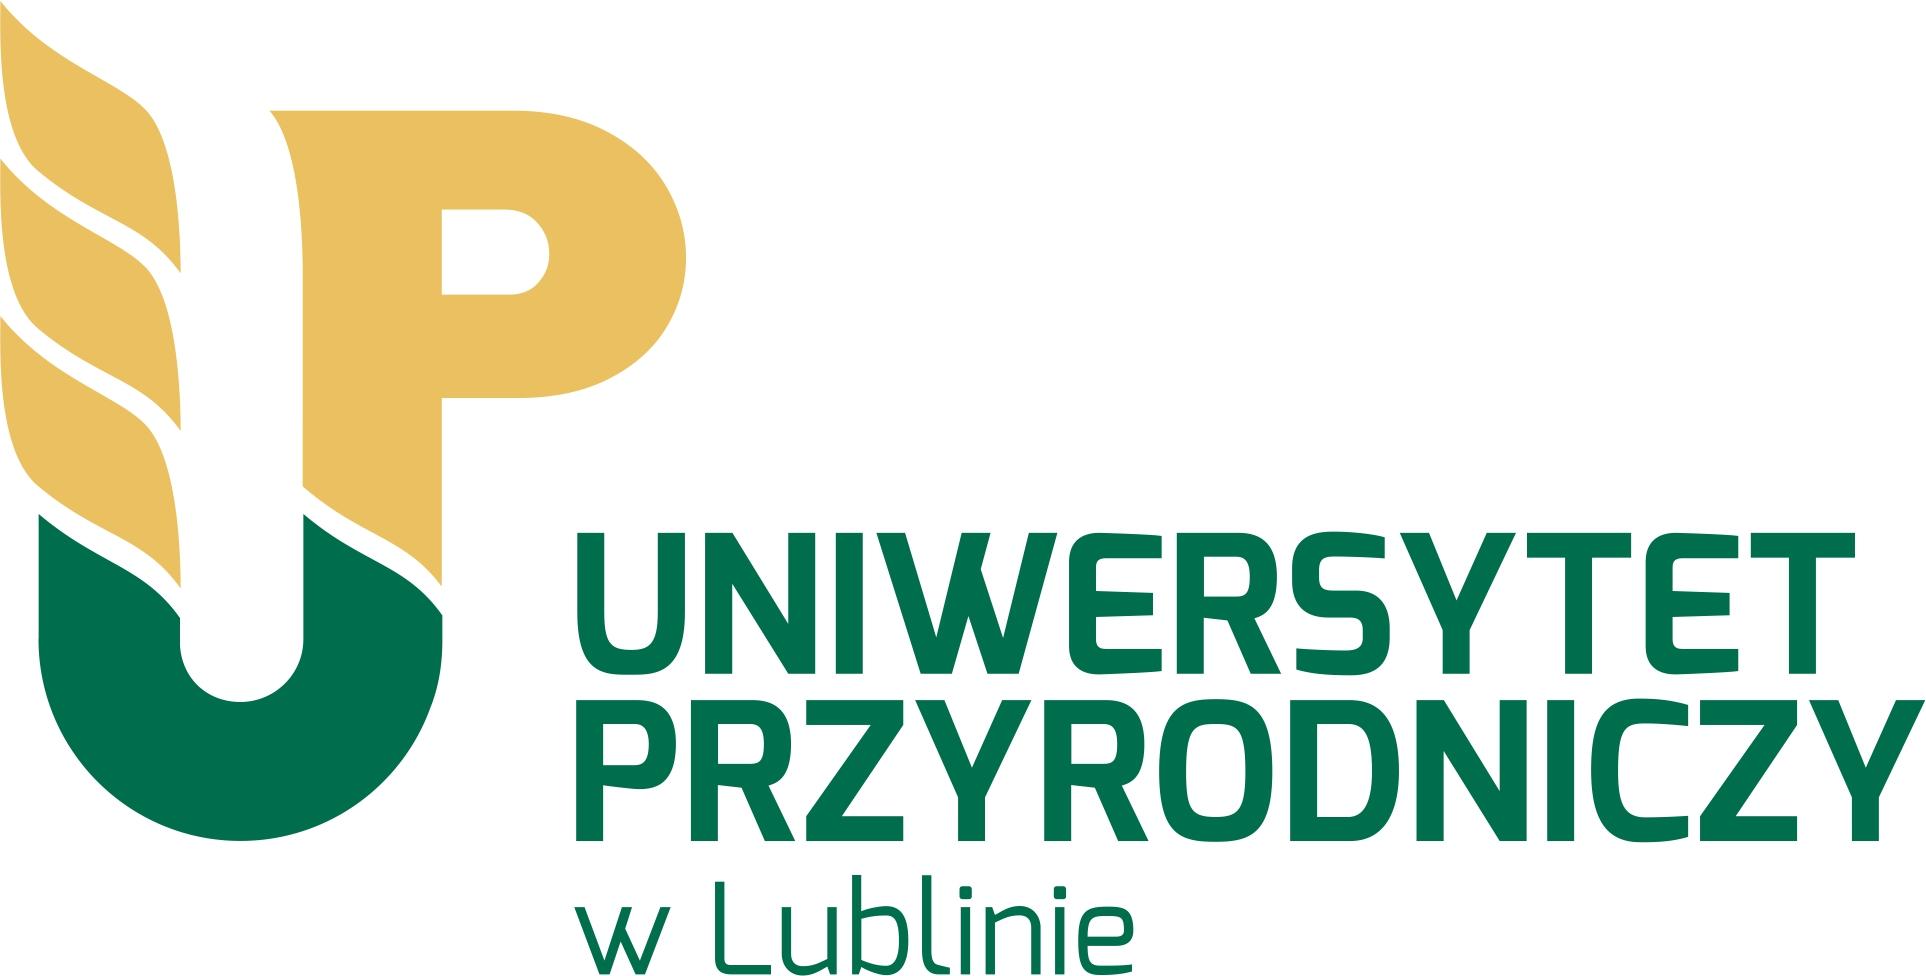 uniwersytet przyrodniczy w lublinie